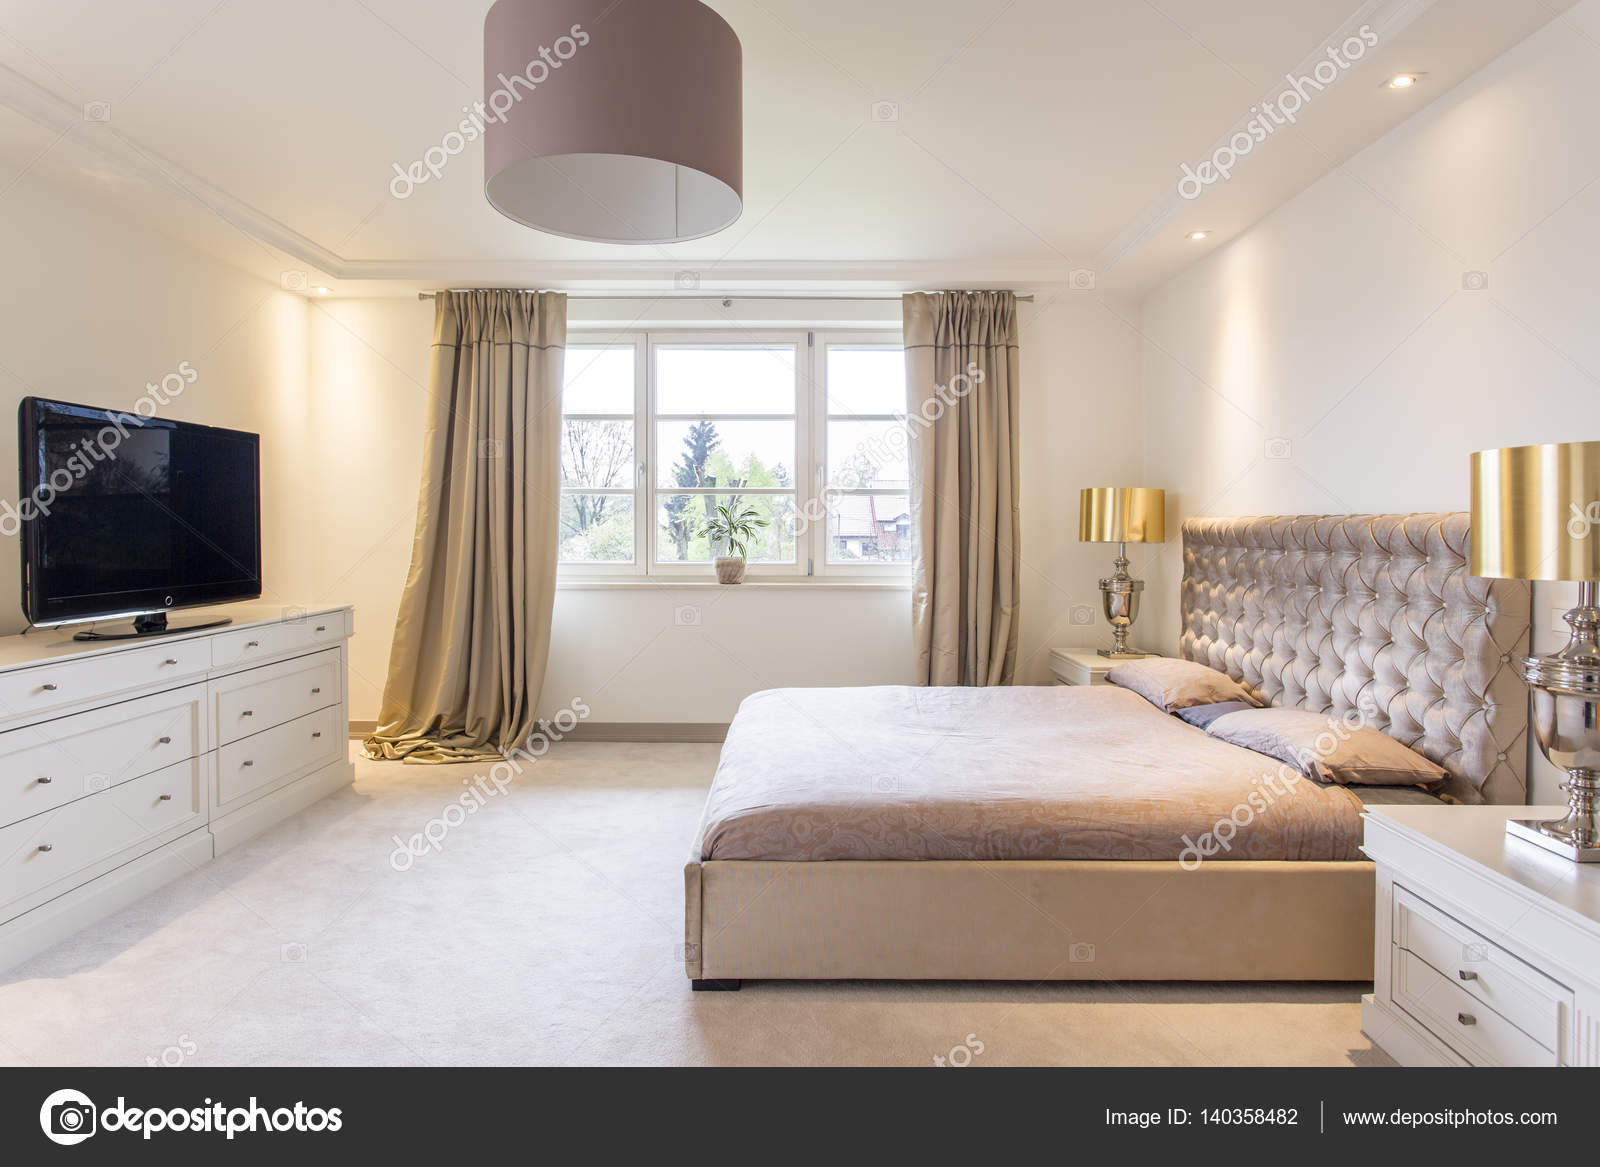 Przestronna Sypialnia Z Dużym łóżkiem Zdjęcie Stockowe